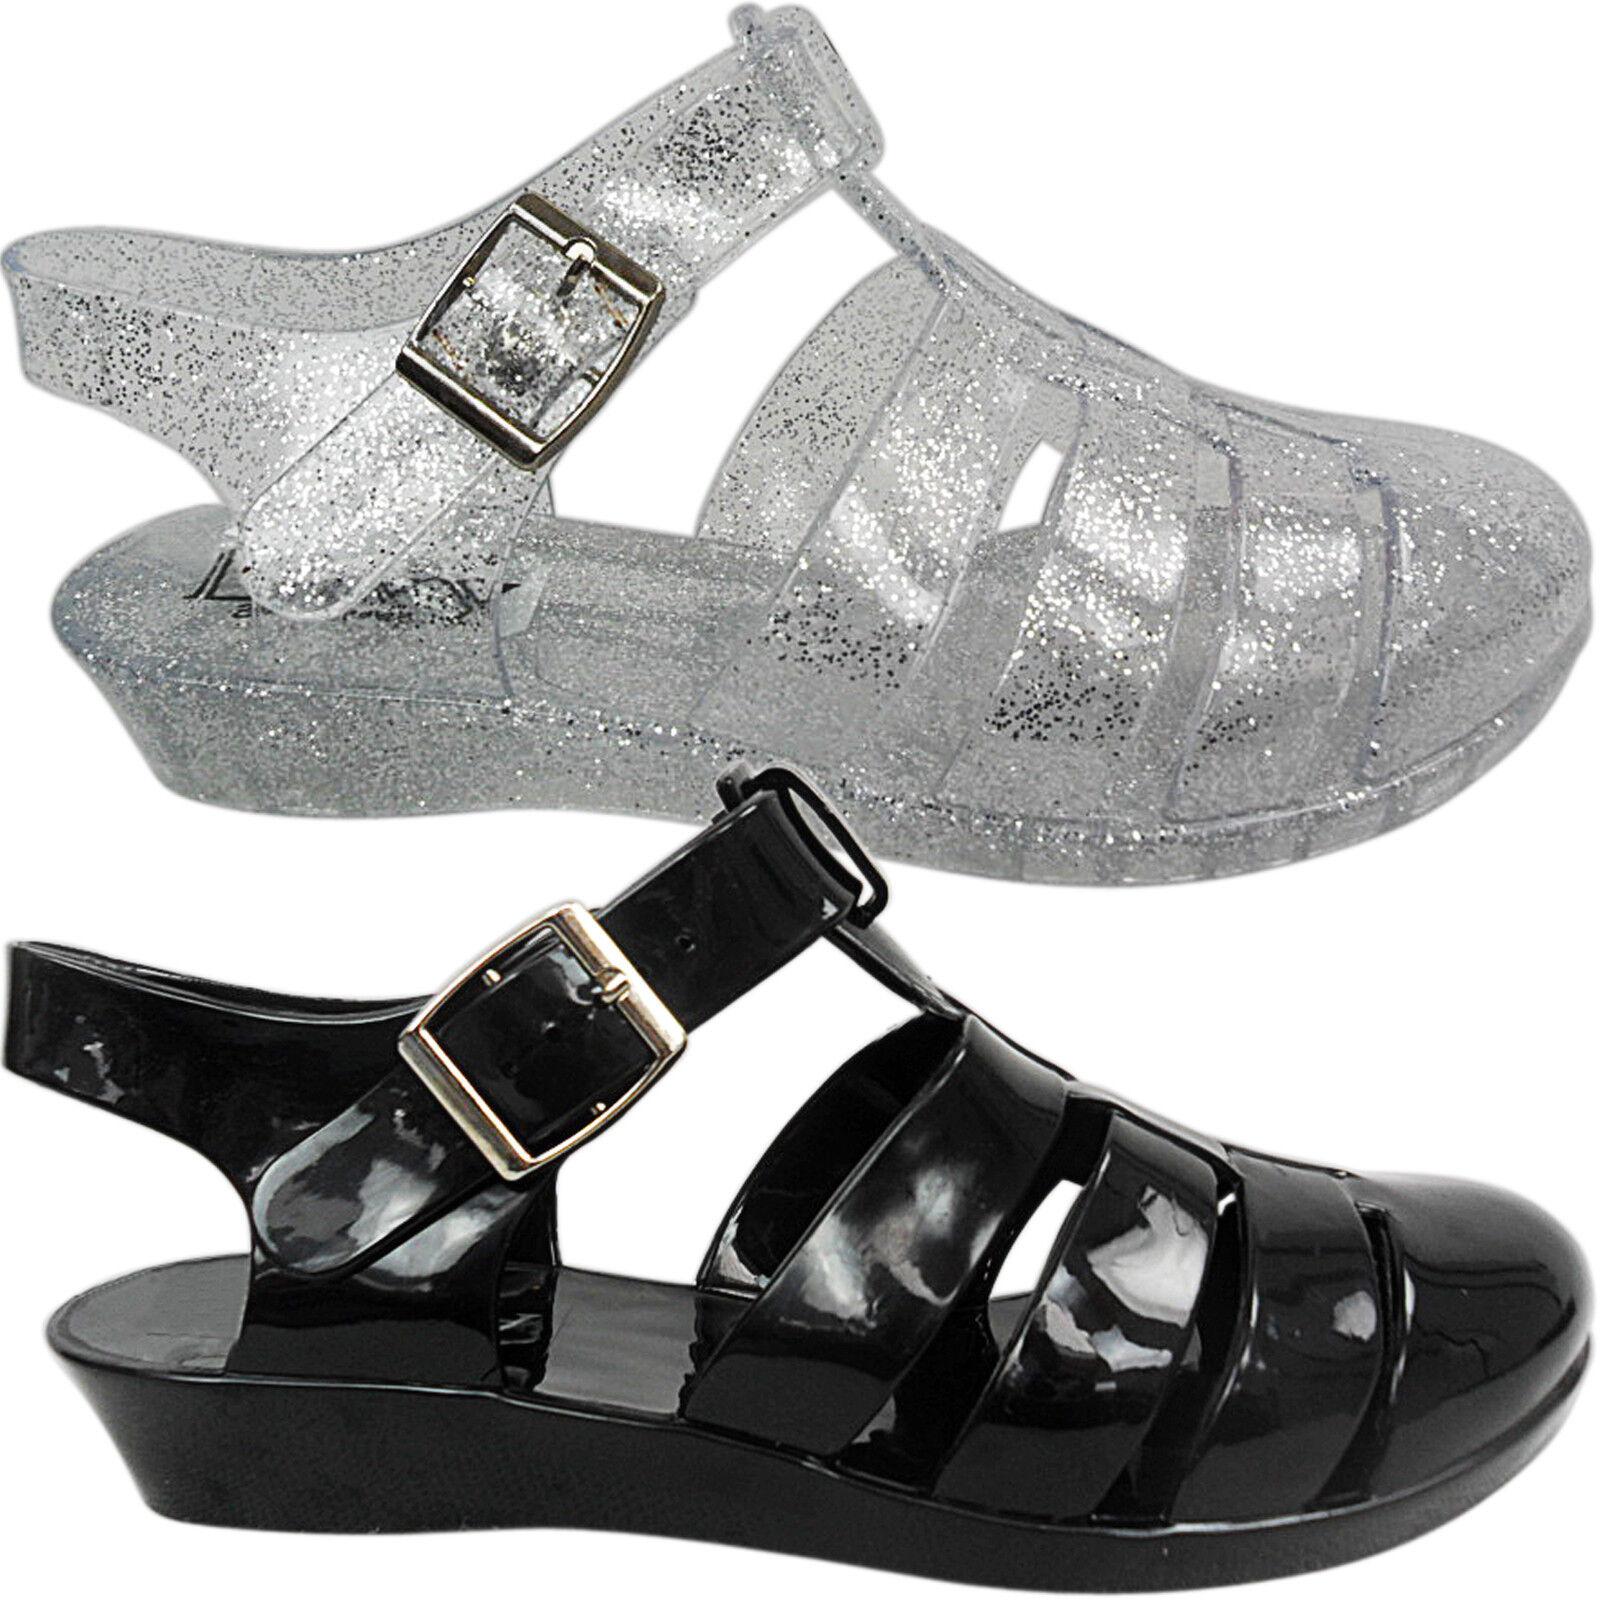 NEU Damen kleiner Keilabsatz Jelly Bean Gelees Sandaleen Schuhe Größe